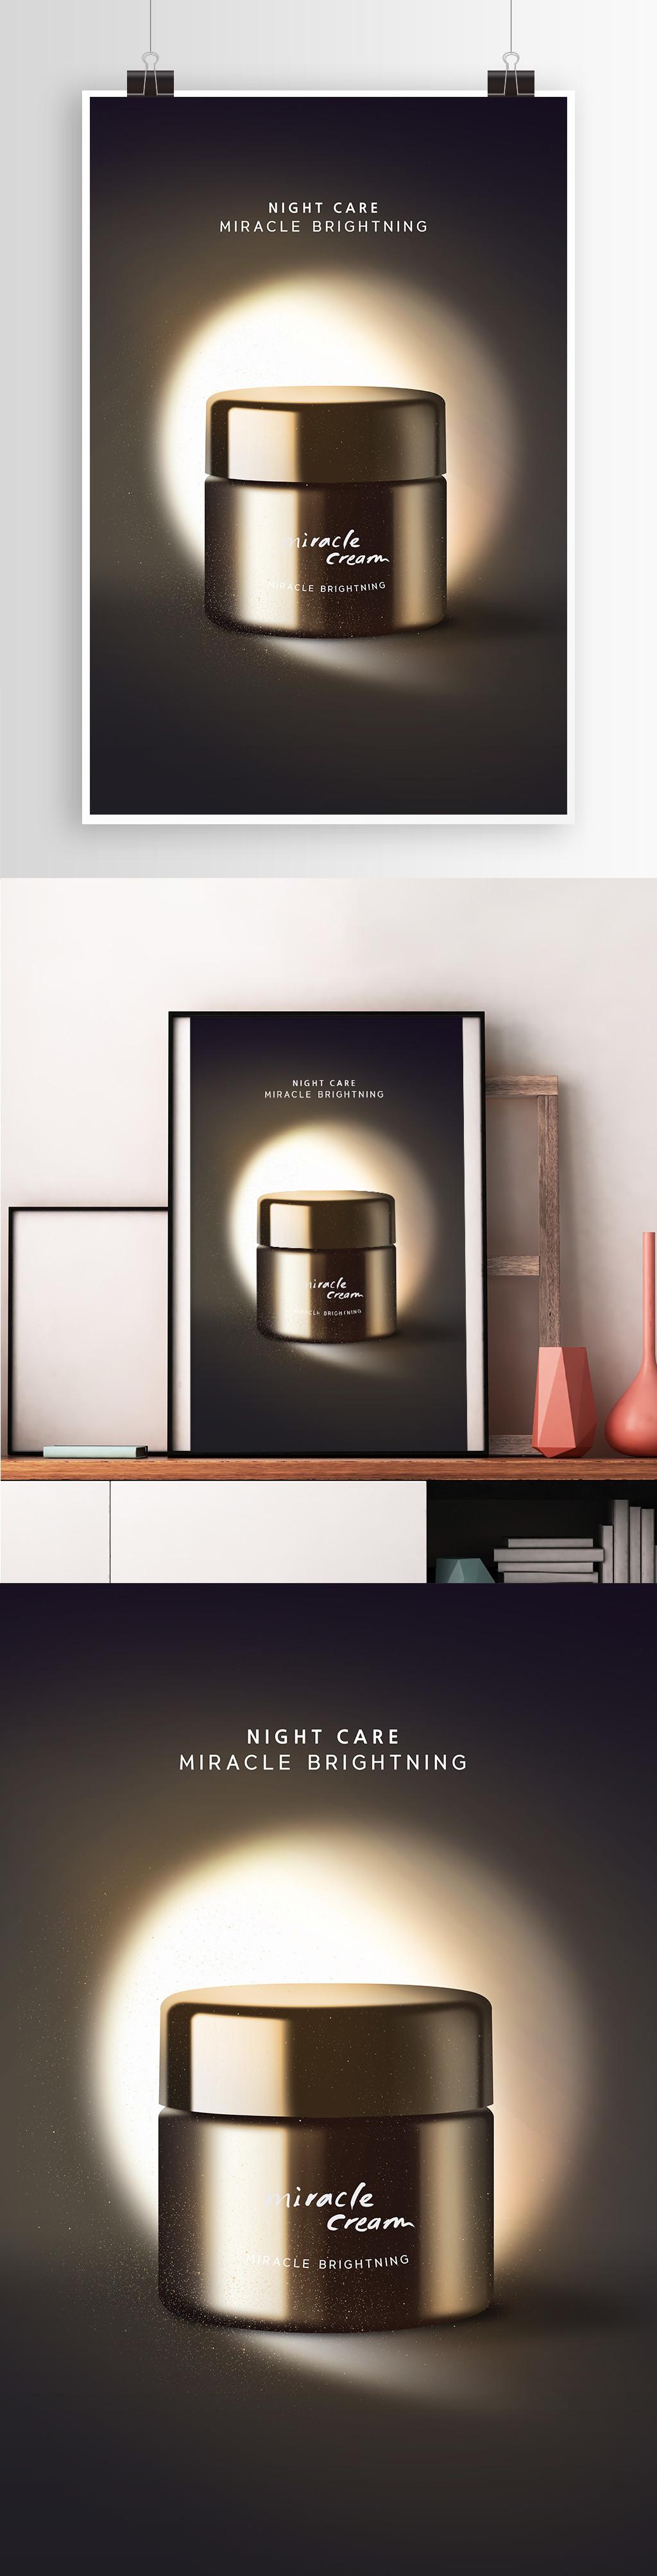 高端化妆品美白面霜抗老化黑金psd合成海报广告